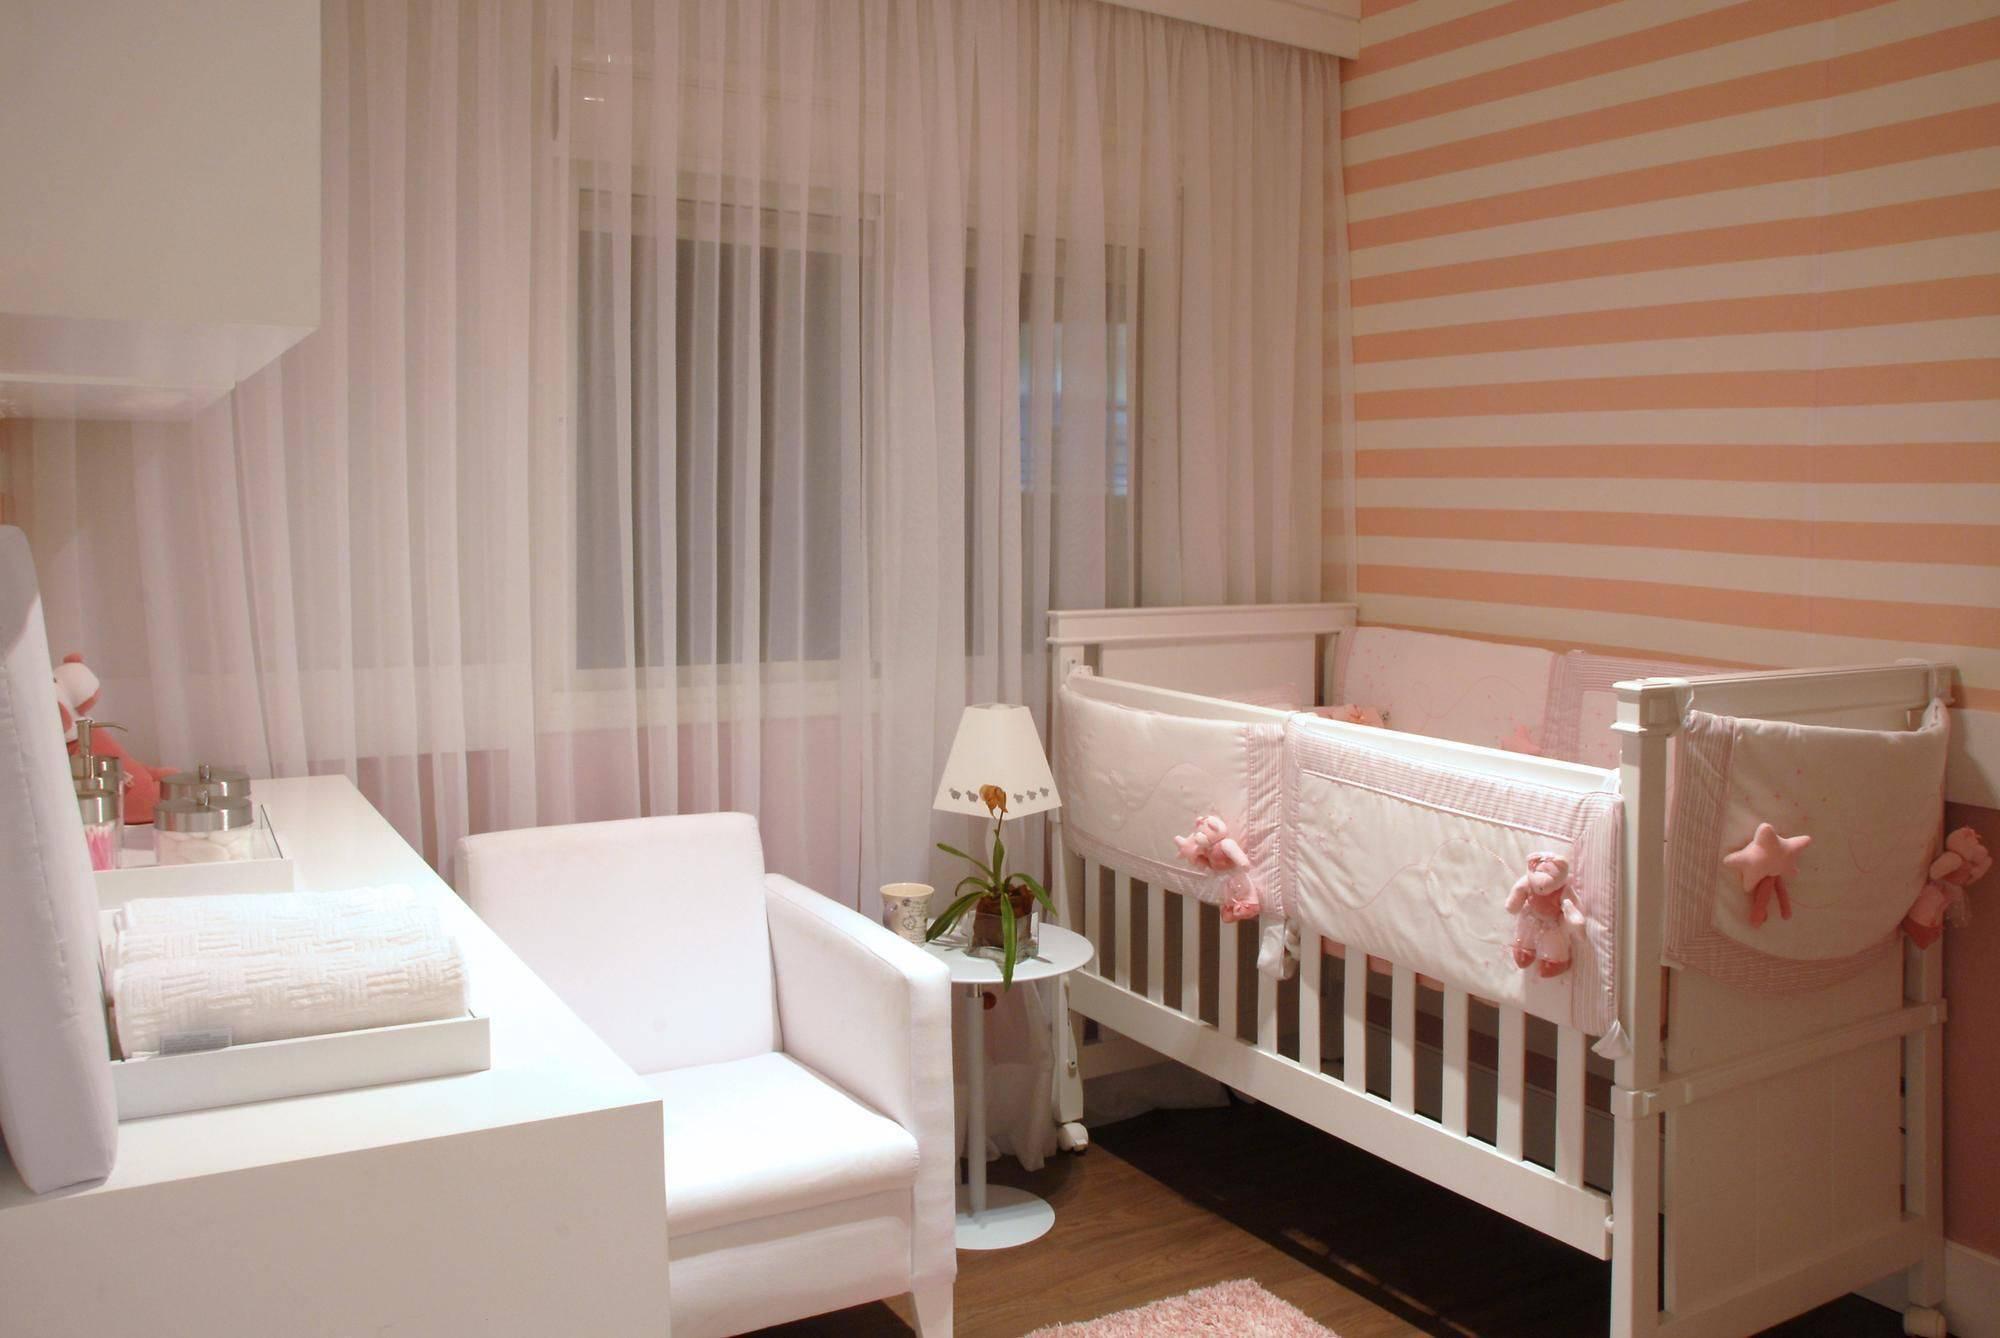 831-quarto- teresinha-nigri-viva-decora aplicativo de decoração